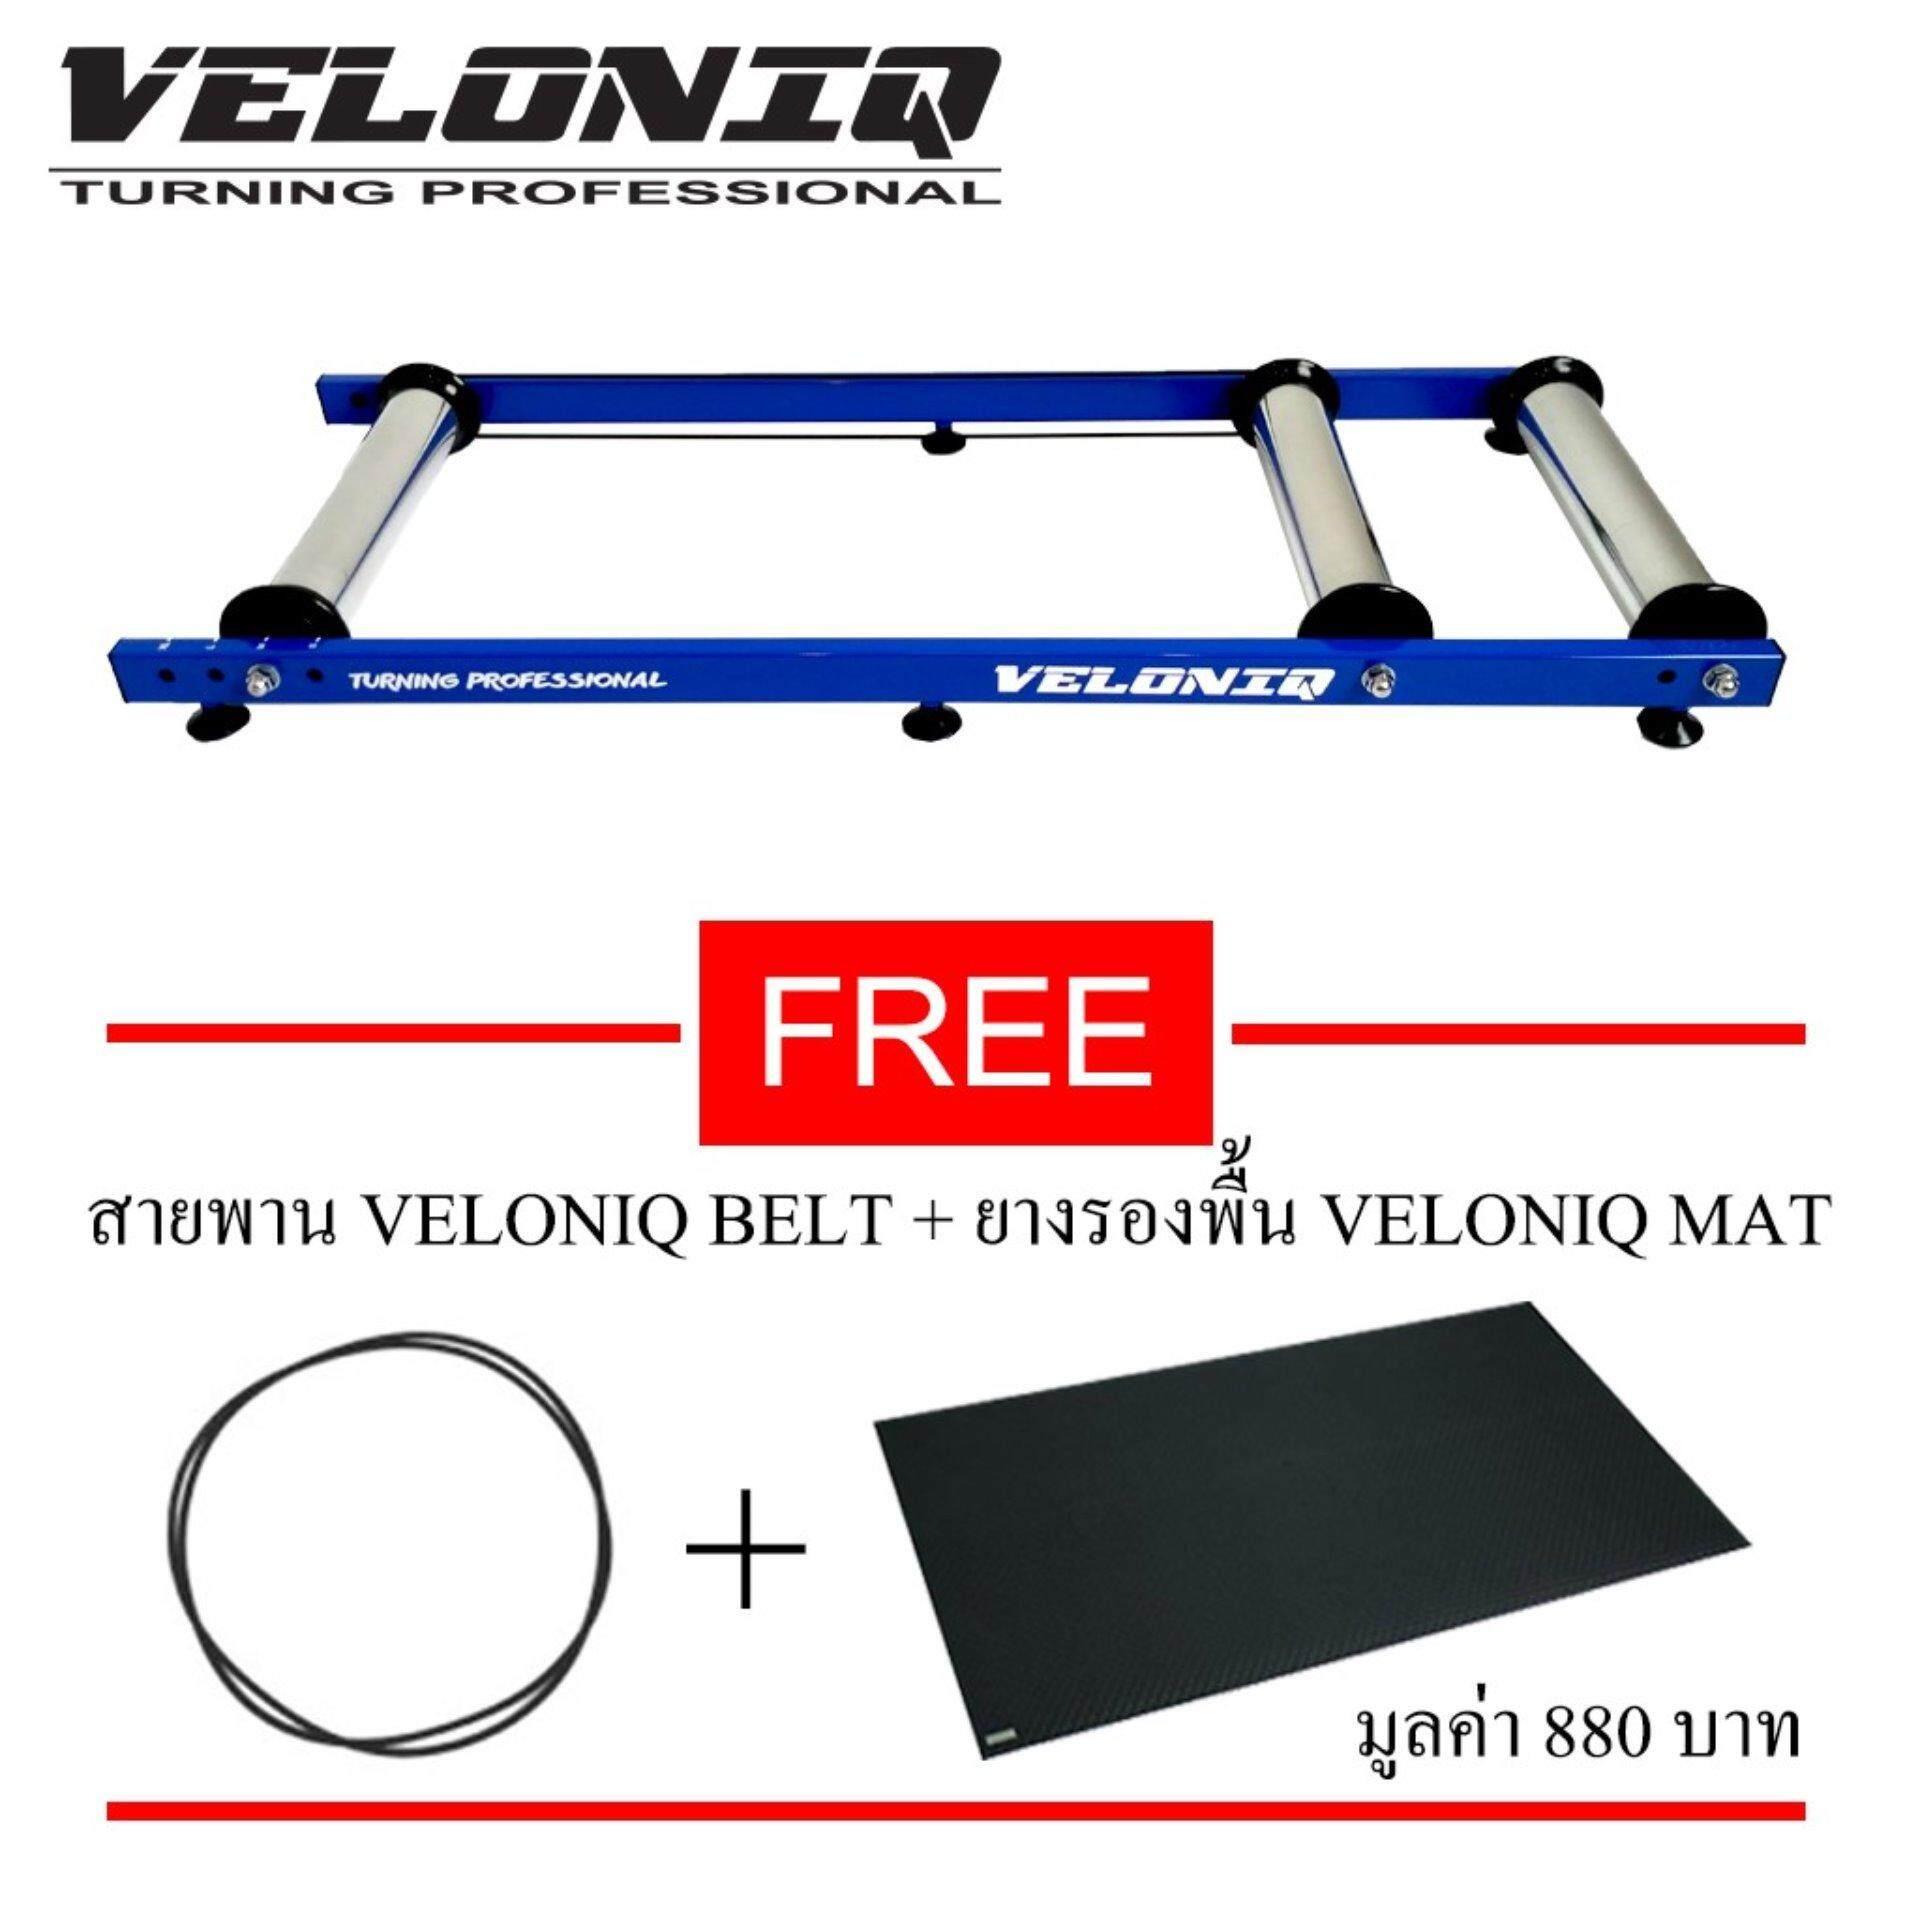 จักรยานออกกำลังกาย  VELONIQ รุ่น VELONIQ-VELONIQ Trainer Blue โปรโมชั่นส่วนลด -43%